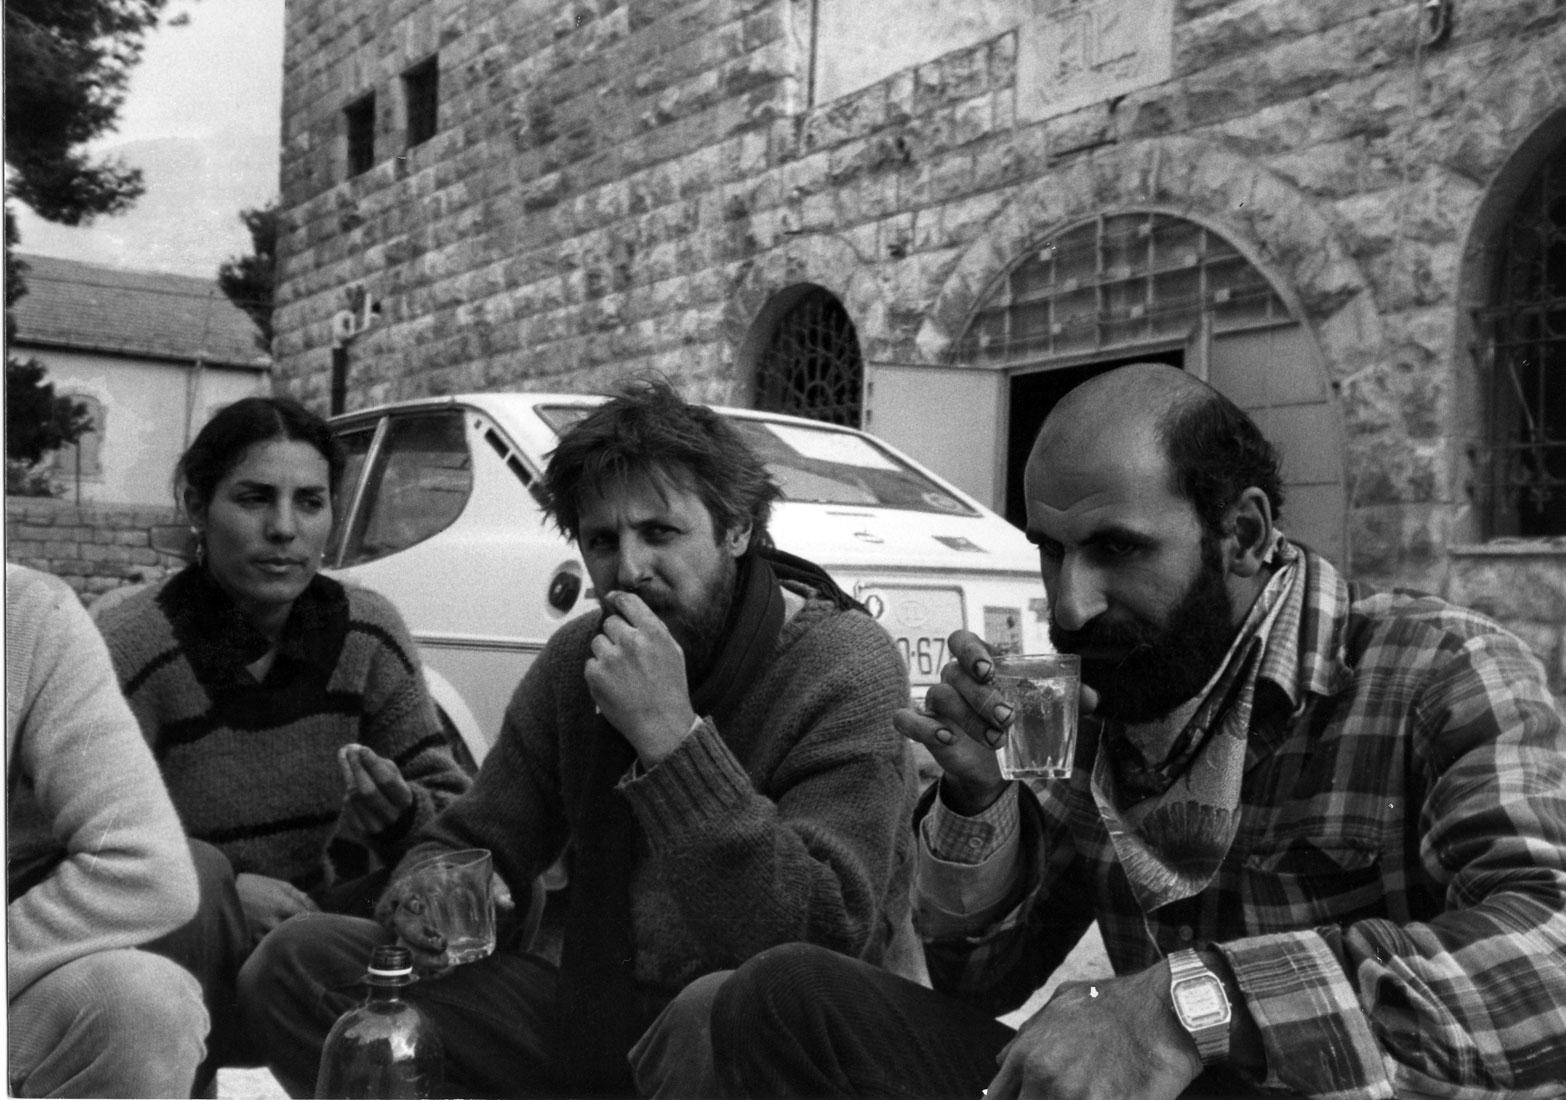 ادوارد معلم - فرانسوا ابو سالم -جاكي لوبيك -استراحة غداء خلال الترميم-1983